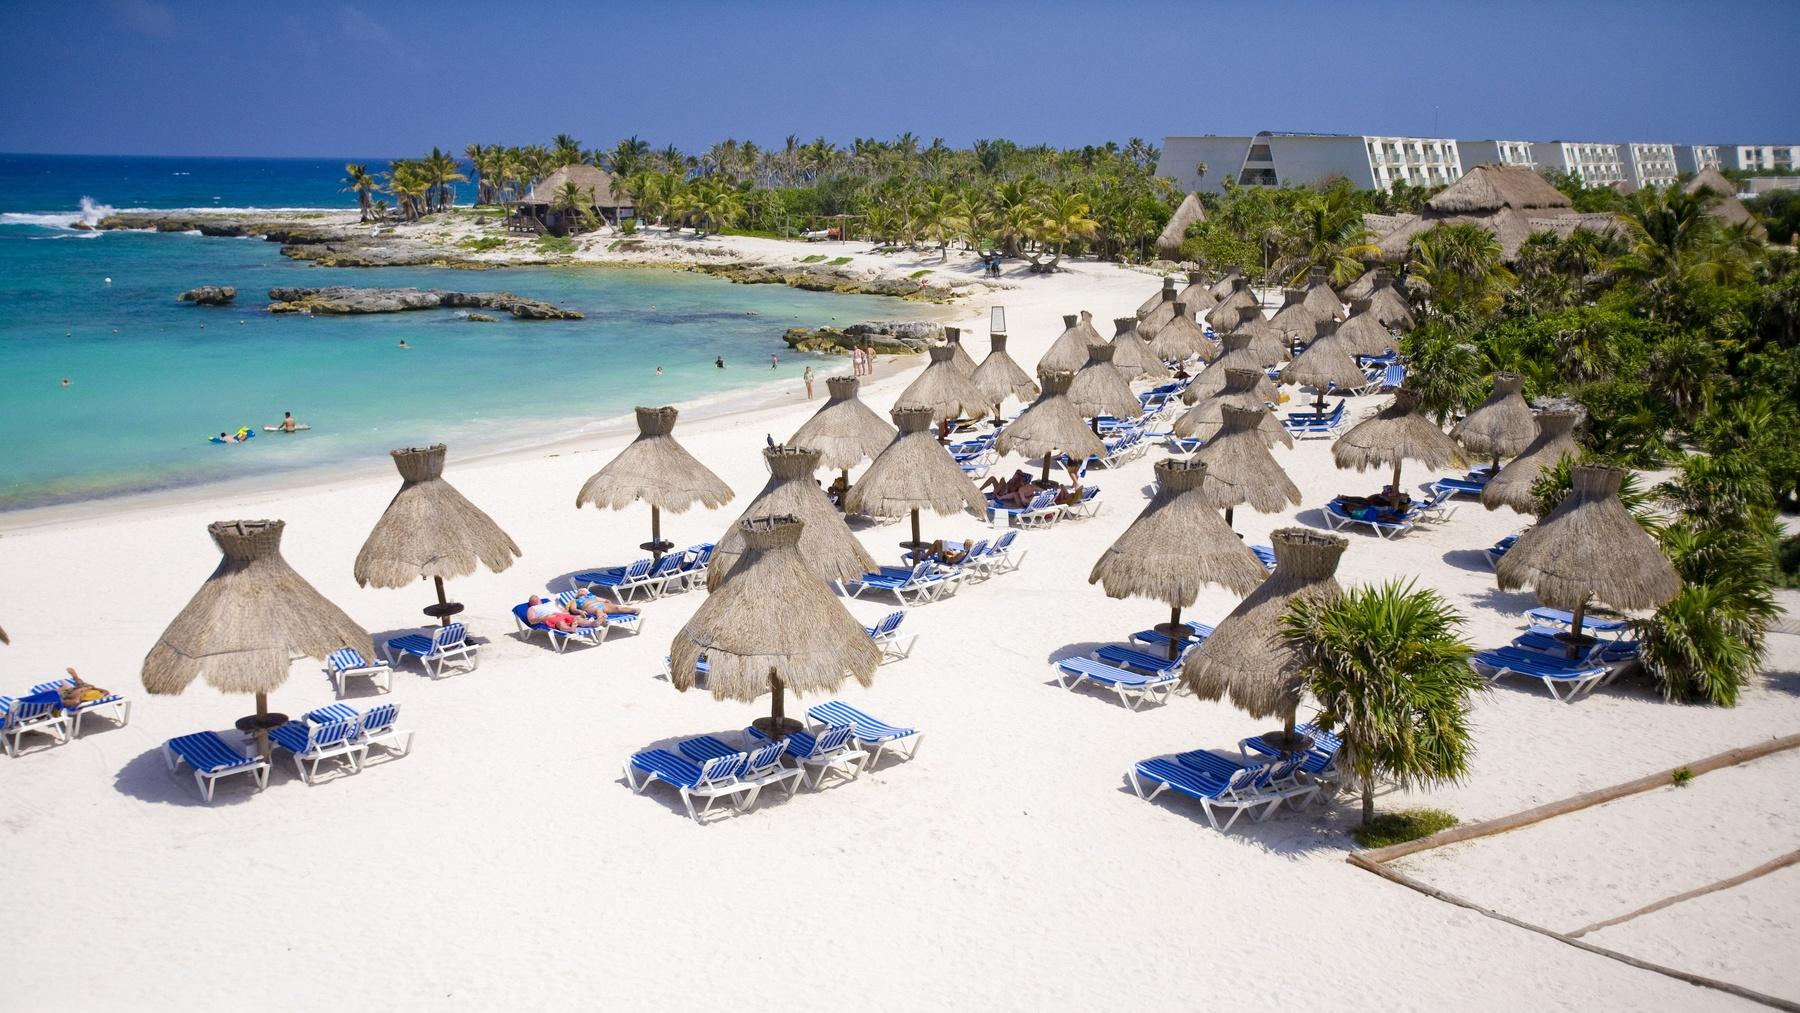 Grand Sirenis Riviera Maya Resorts and Spa image